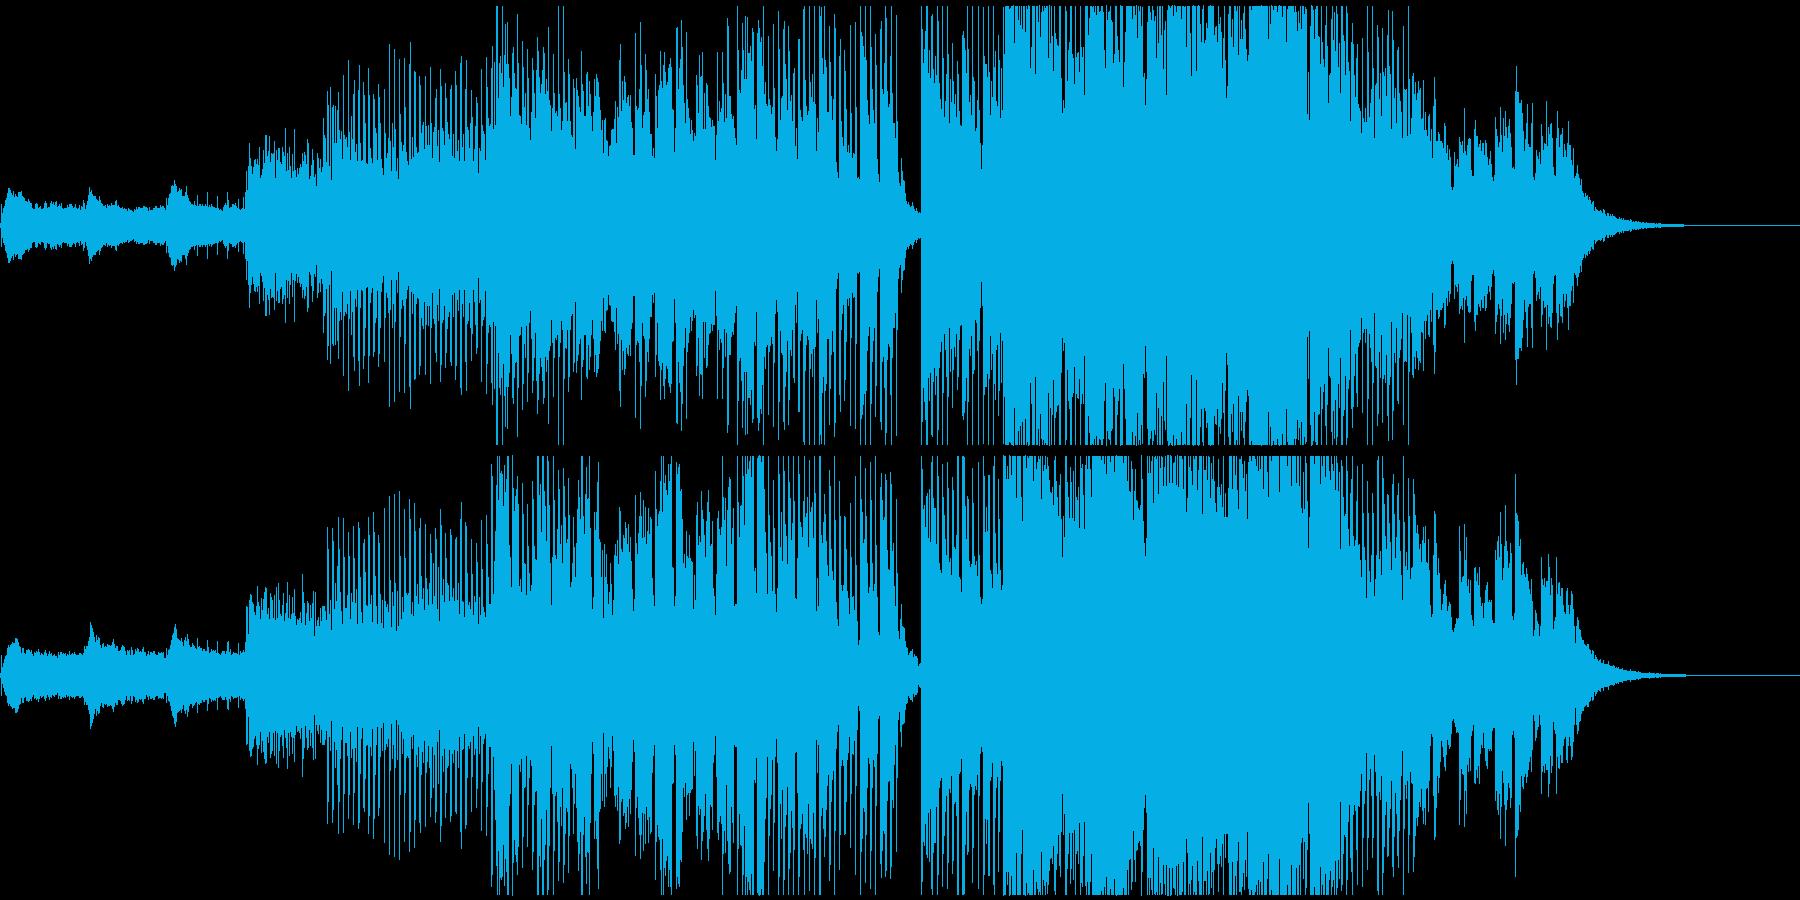 期待と不安感、繊細なピアノとシンセの音の再生済みの波形